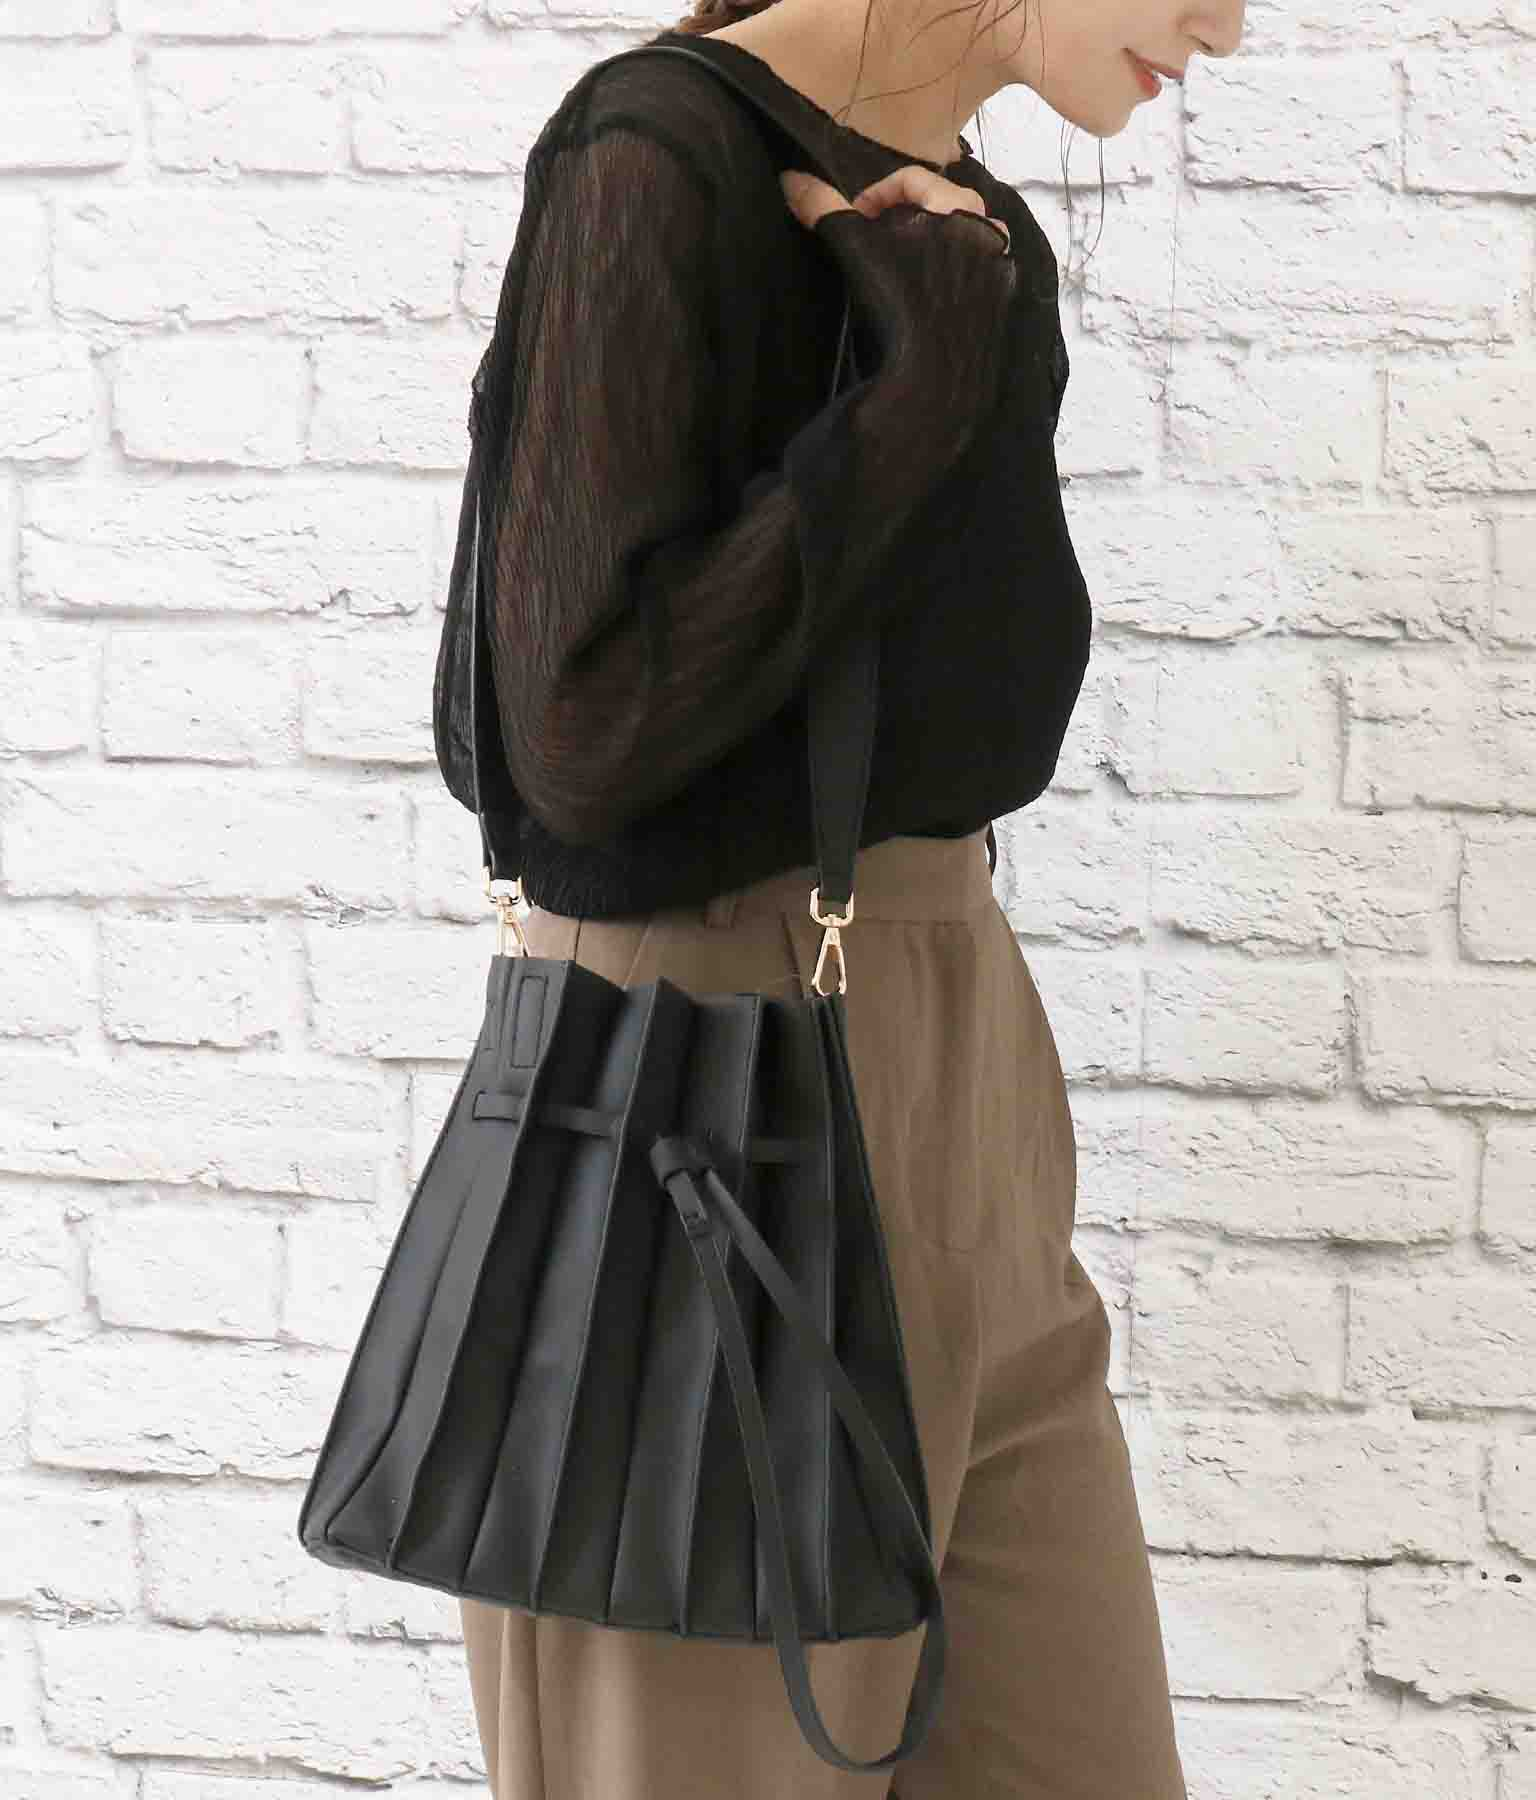 ポーチ付きプリーツバッグ(バッグ・鞄・小物/ハンドバッグ・ショルダーバッグ) | CHILLE